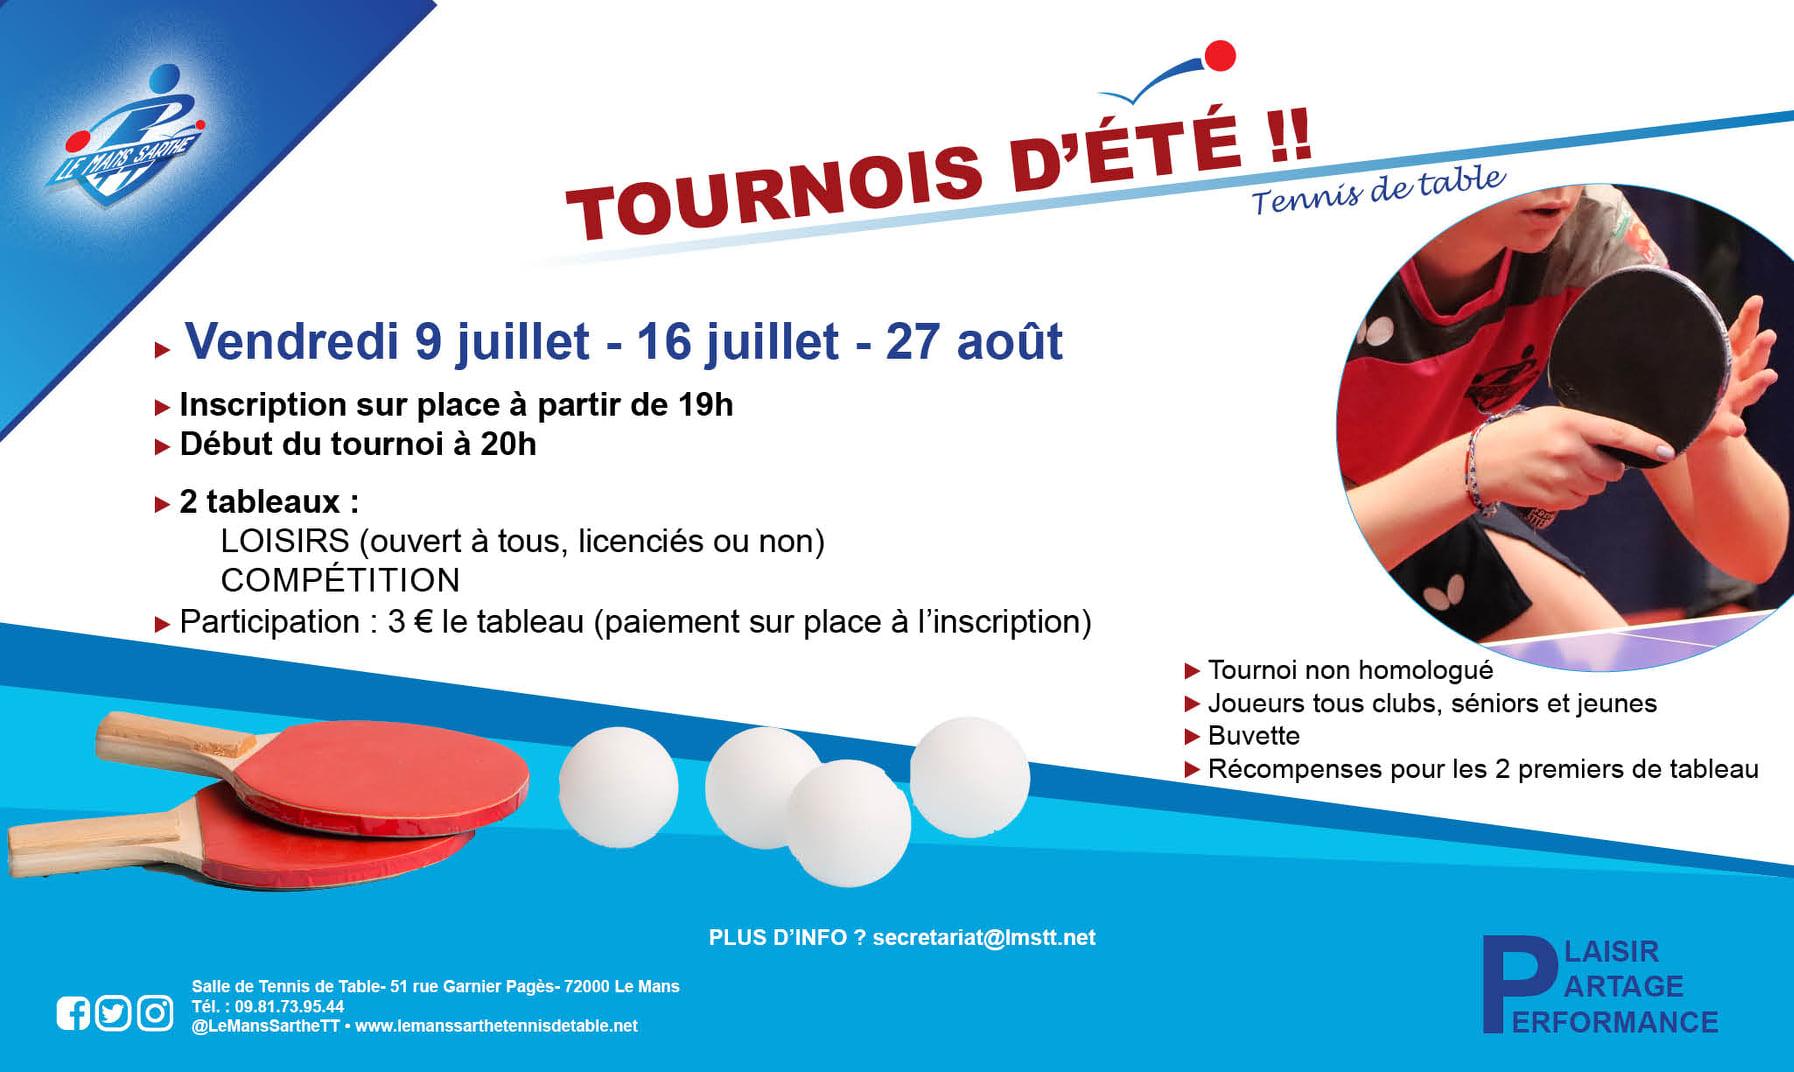 Tournois d'été organisés par le club de Le Mans Sarthe TT